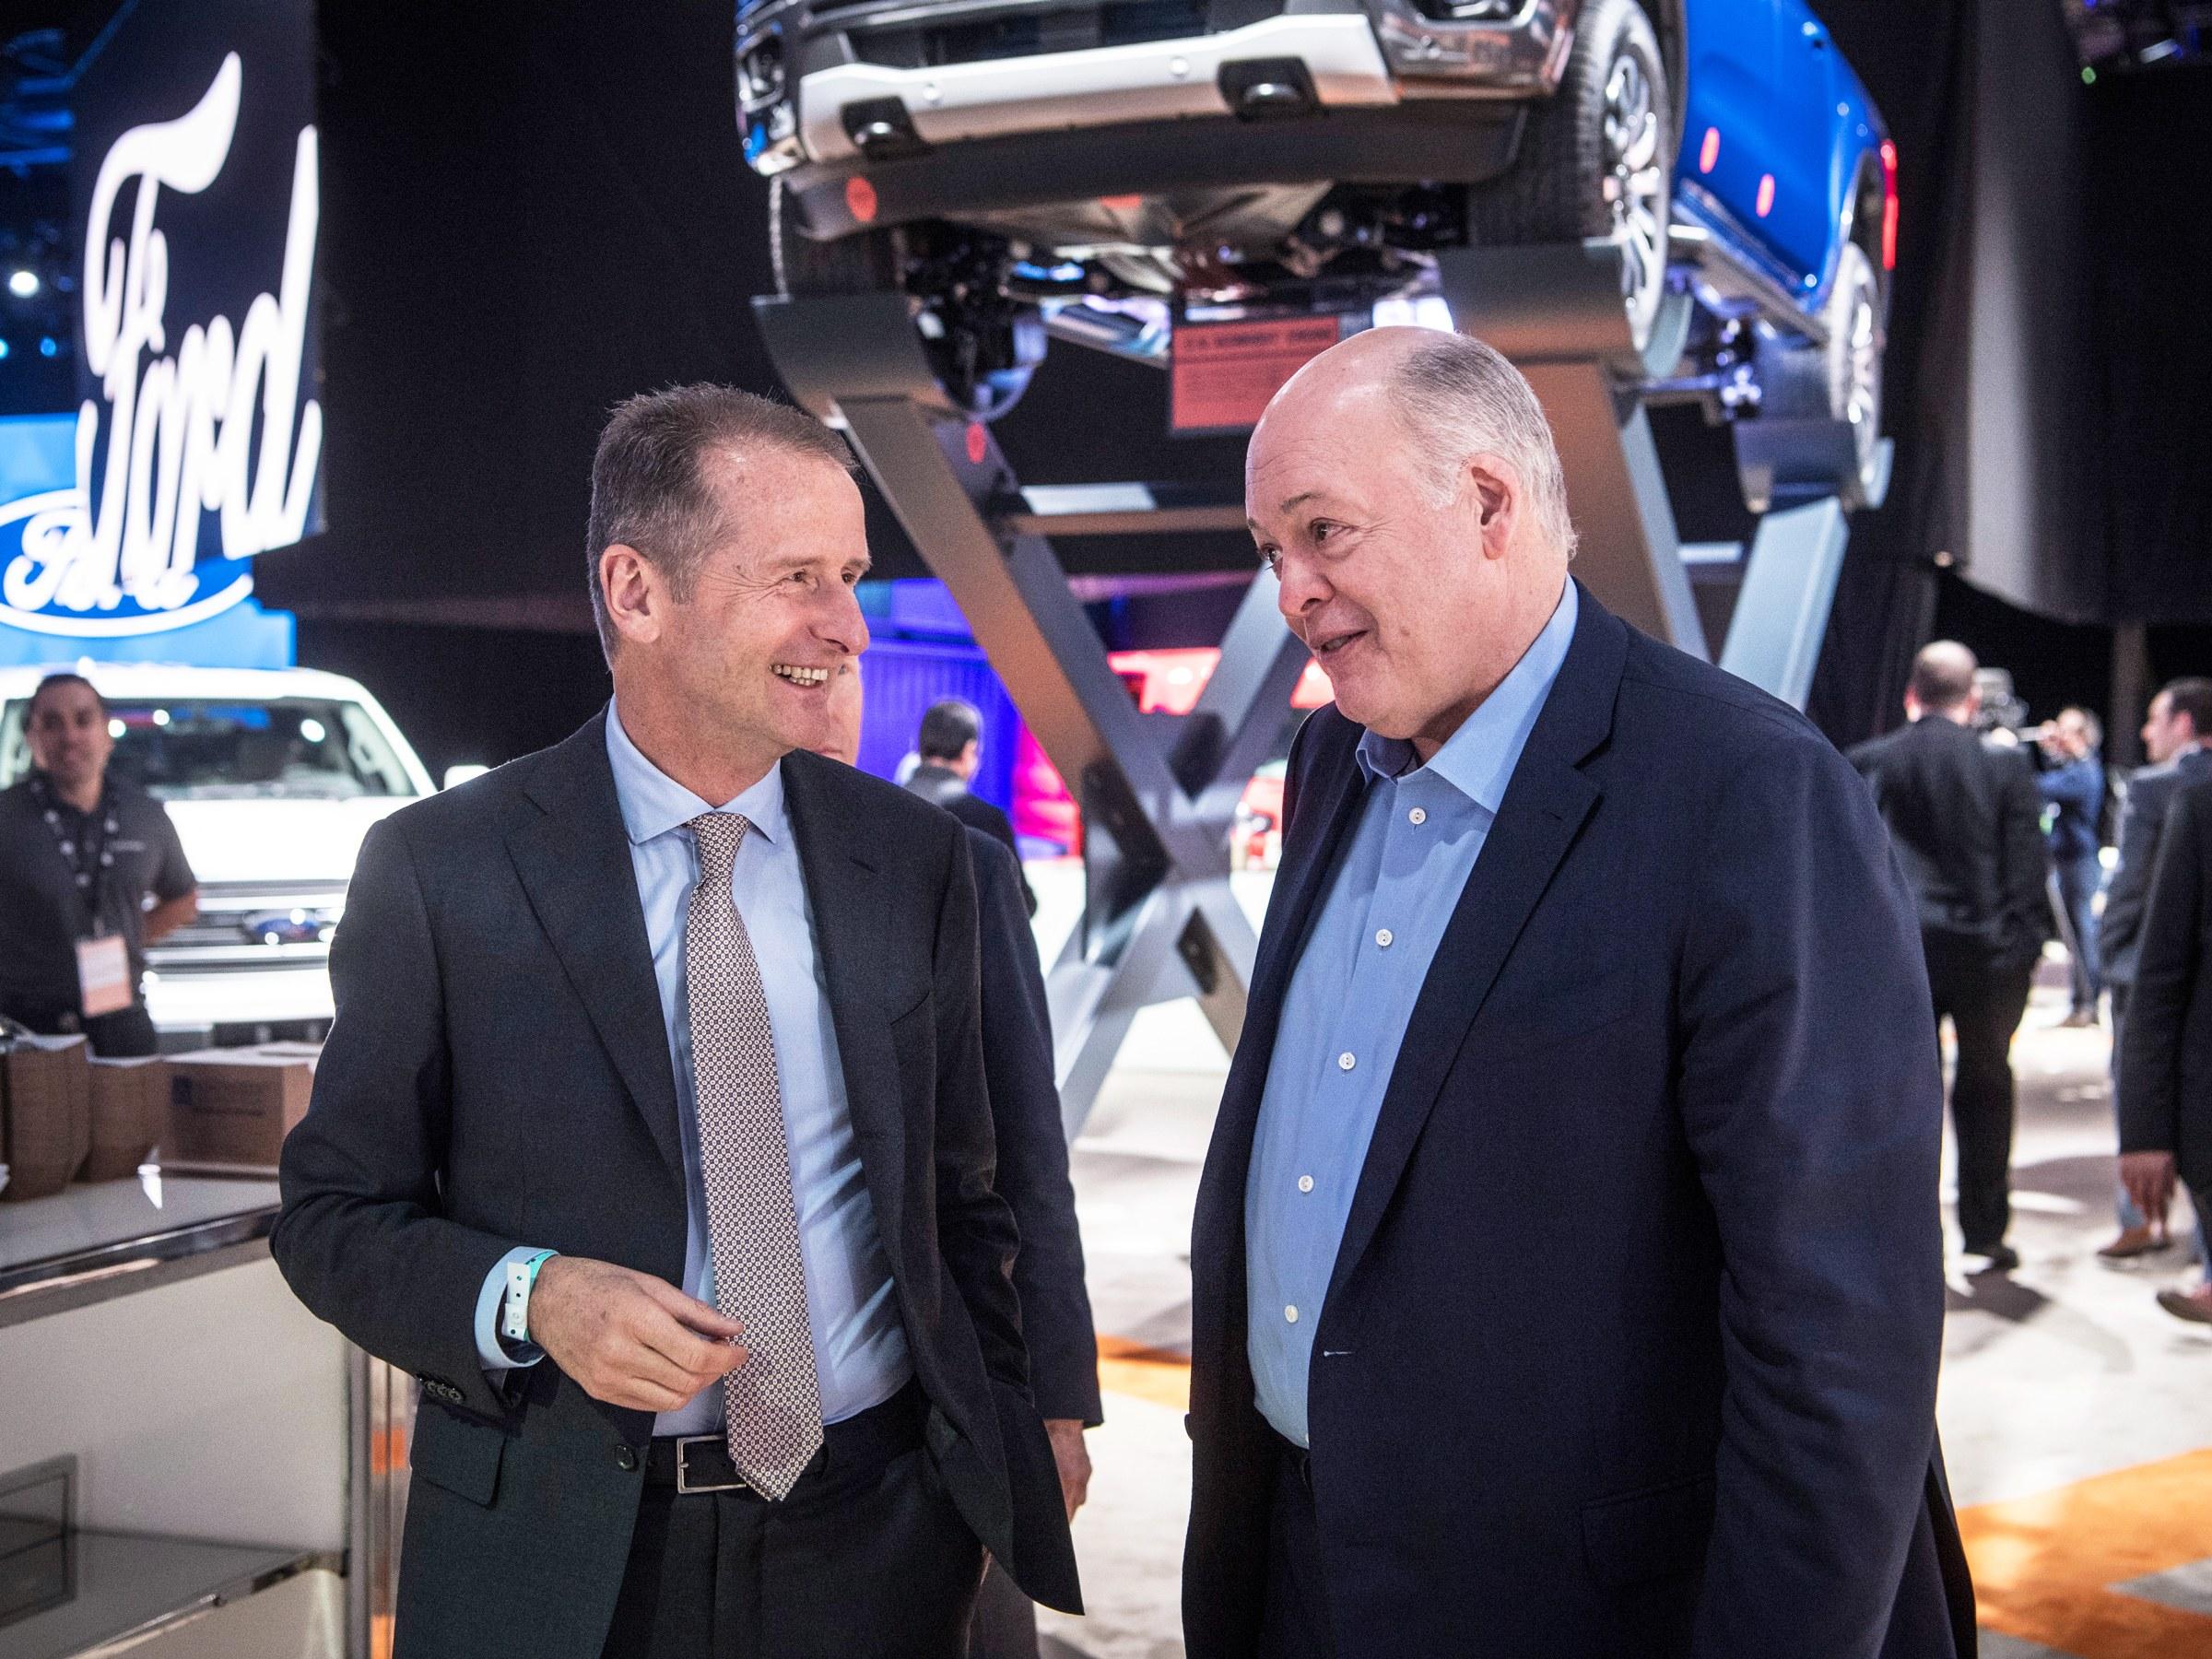 大众与福特签订皮卡合作协议 自动驾驶谈判进行中